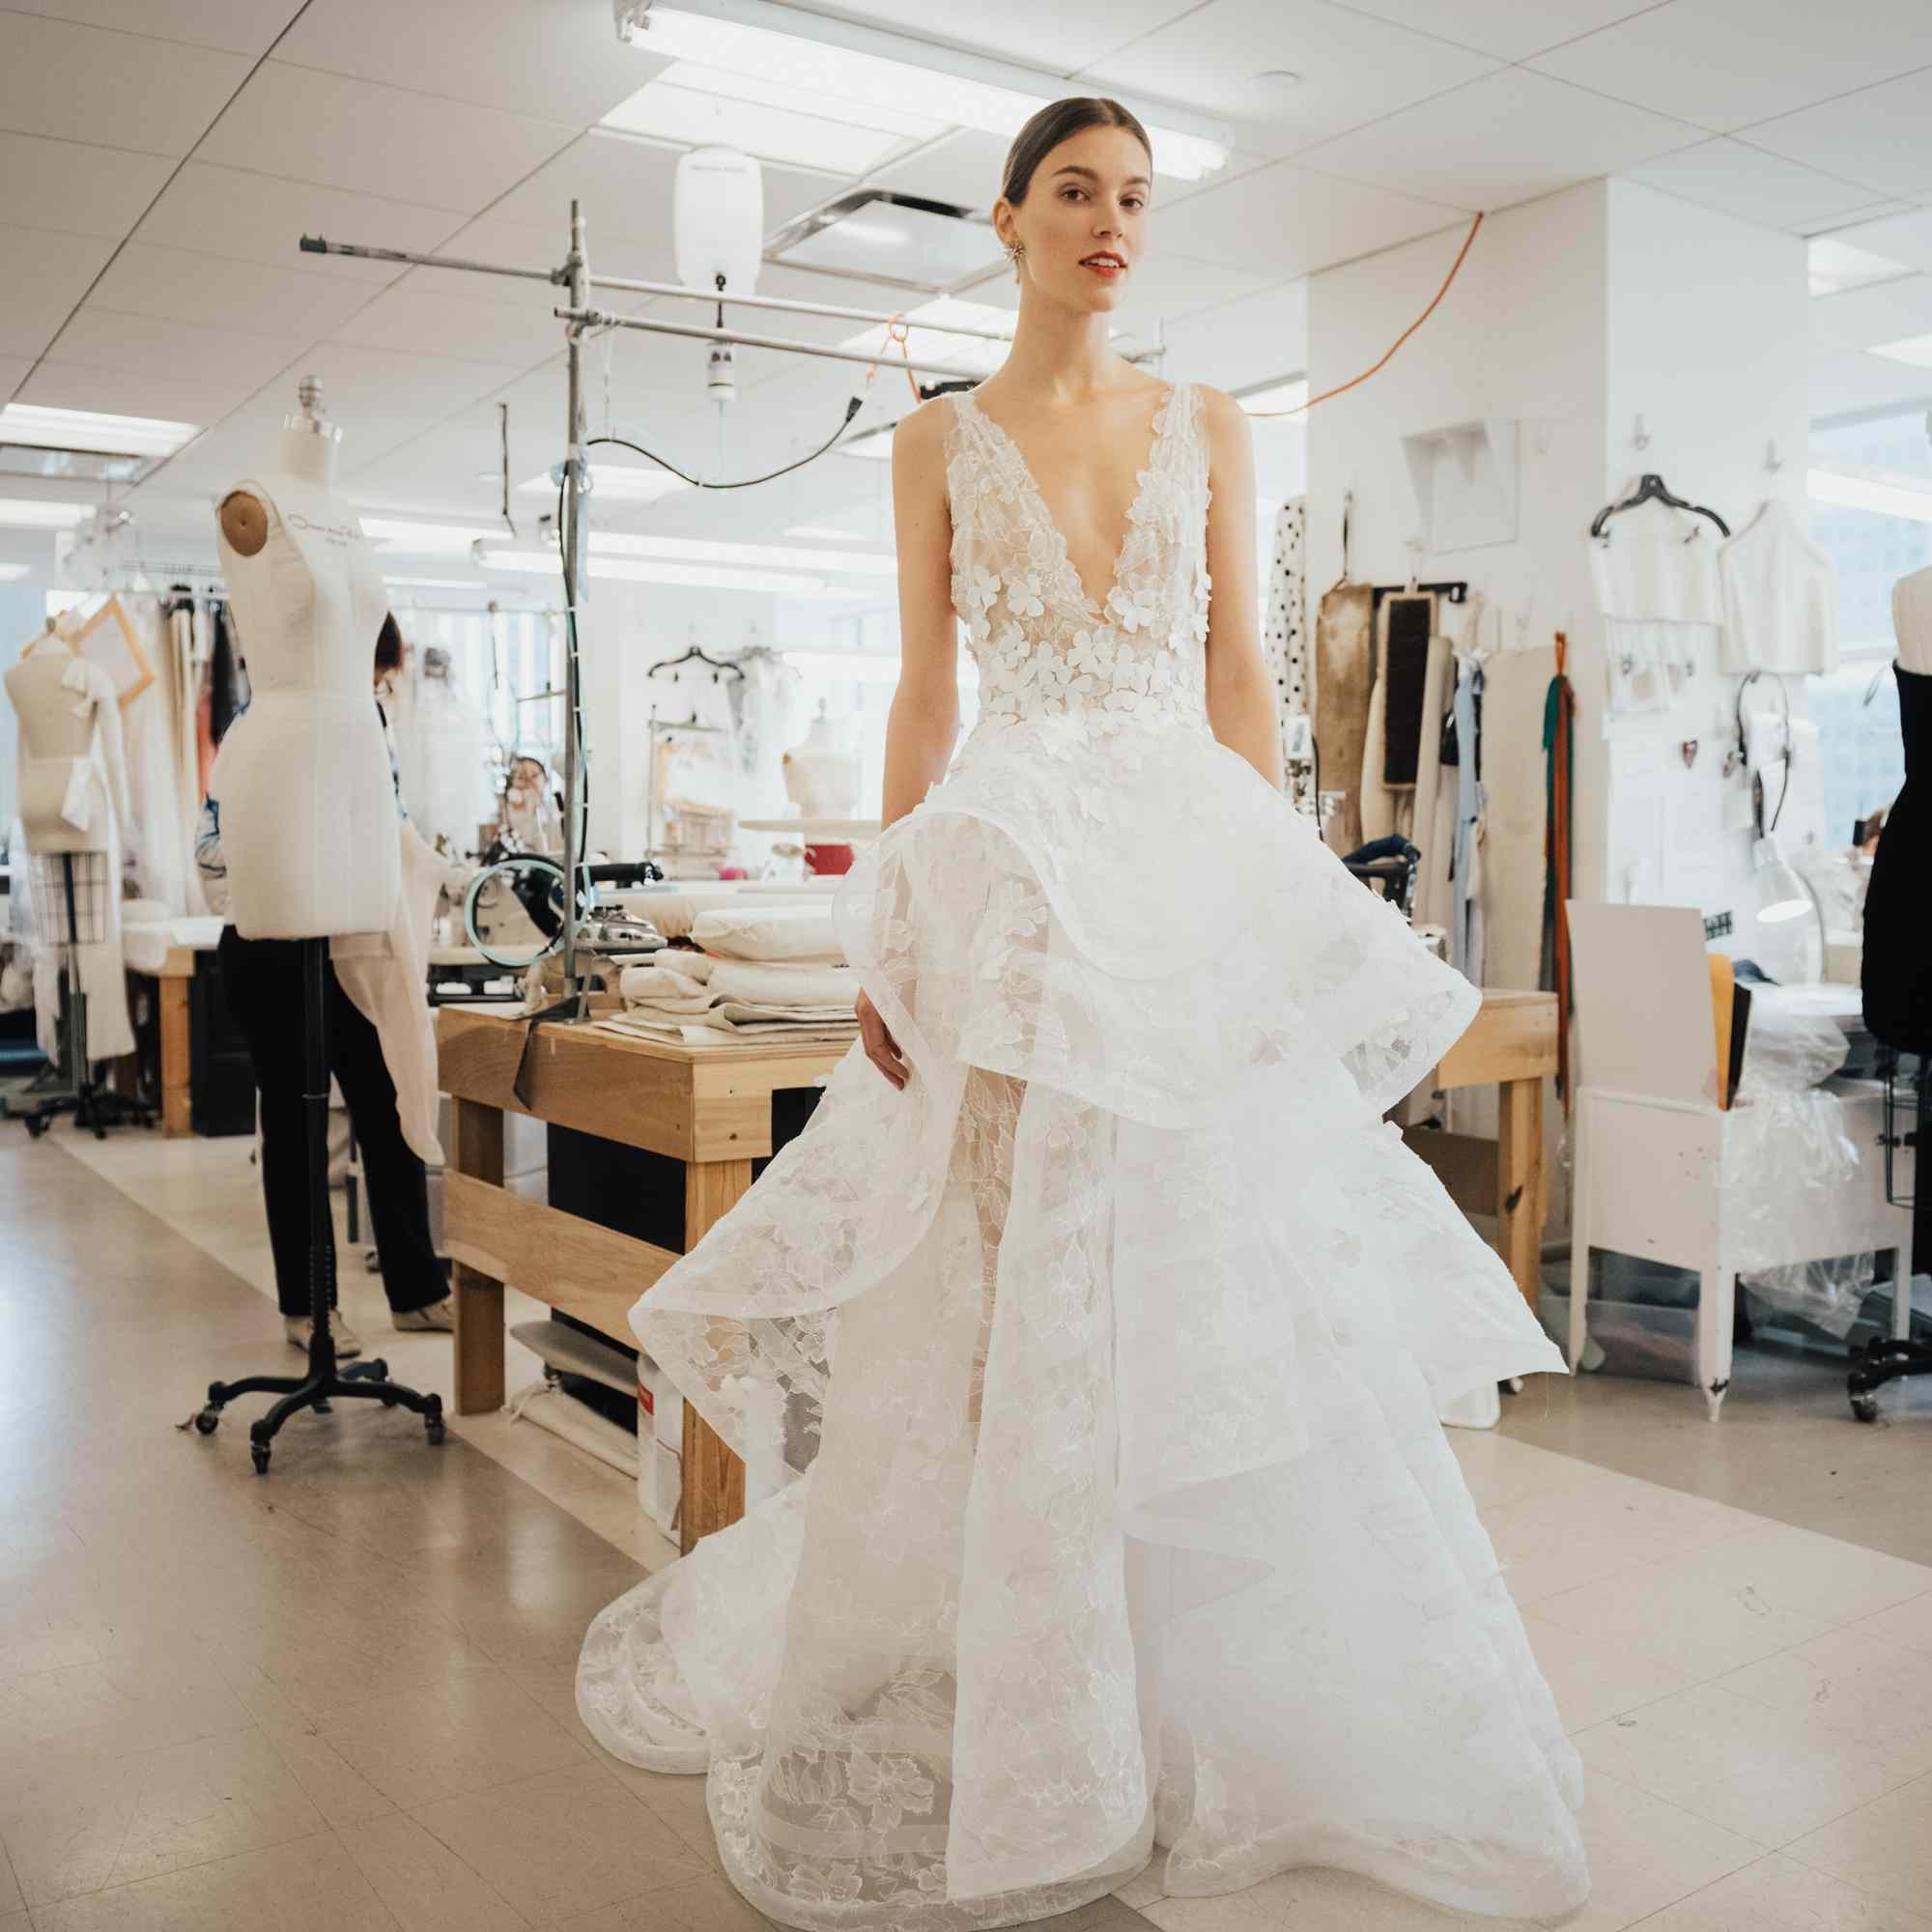 Oscar De La Renta Wedding Dresses.Oscar De La Renta Bridal Spring 2020